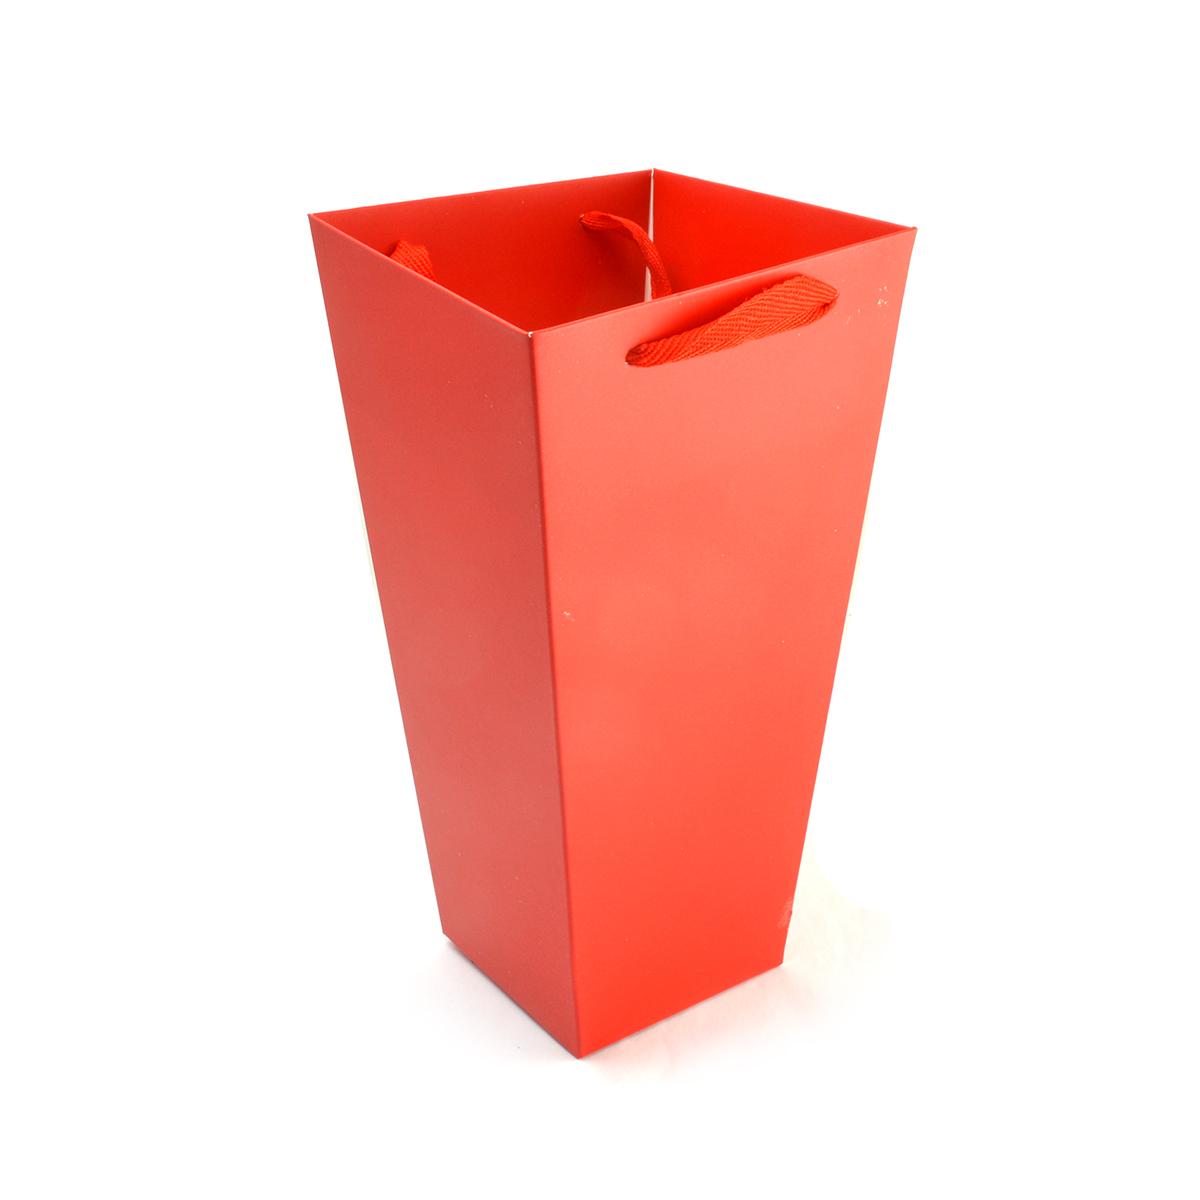 Tipo di scatola di cartone Borsa rossa